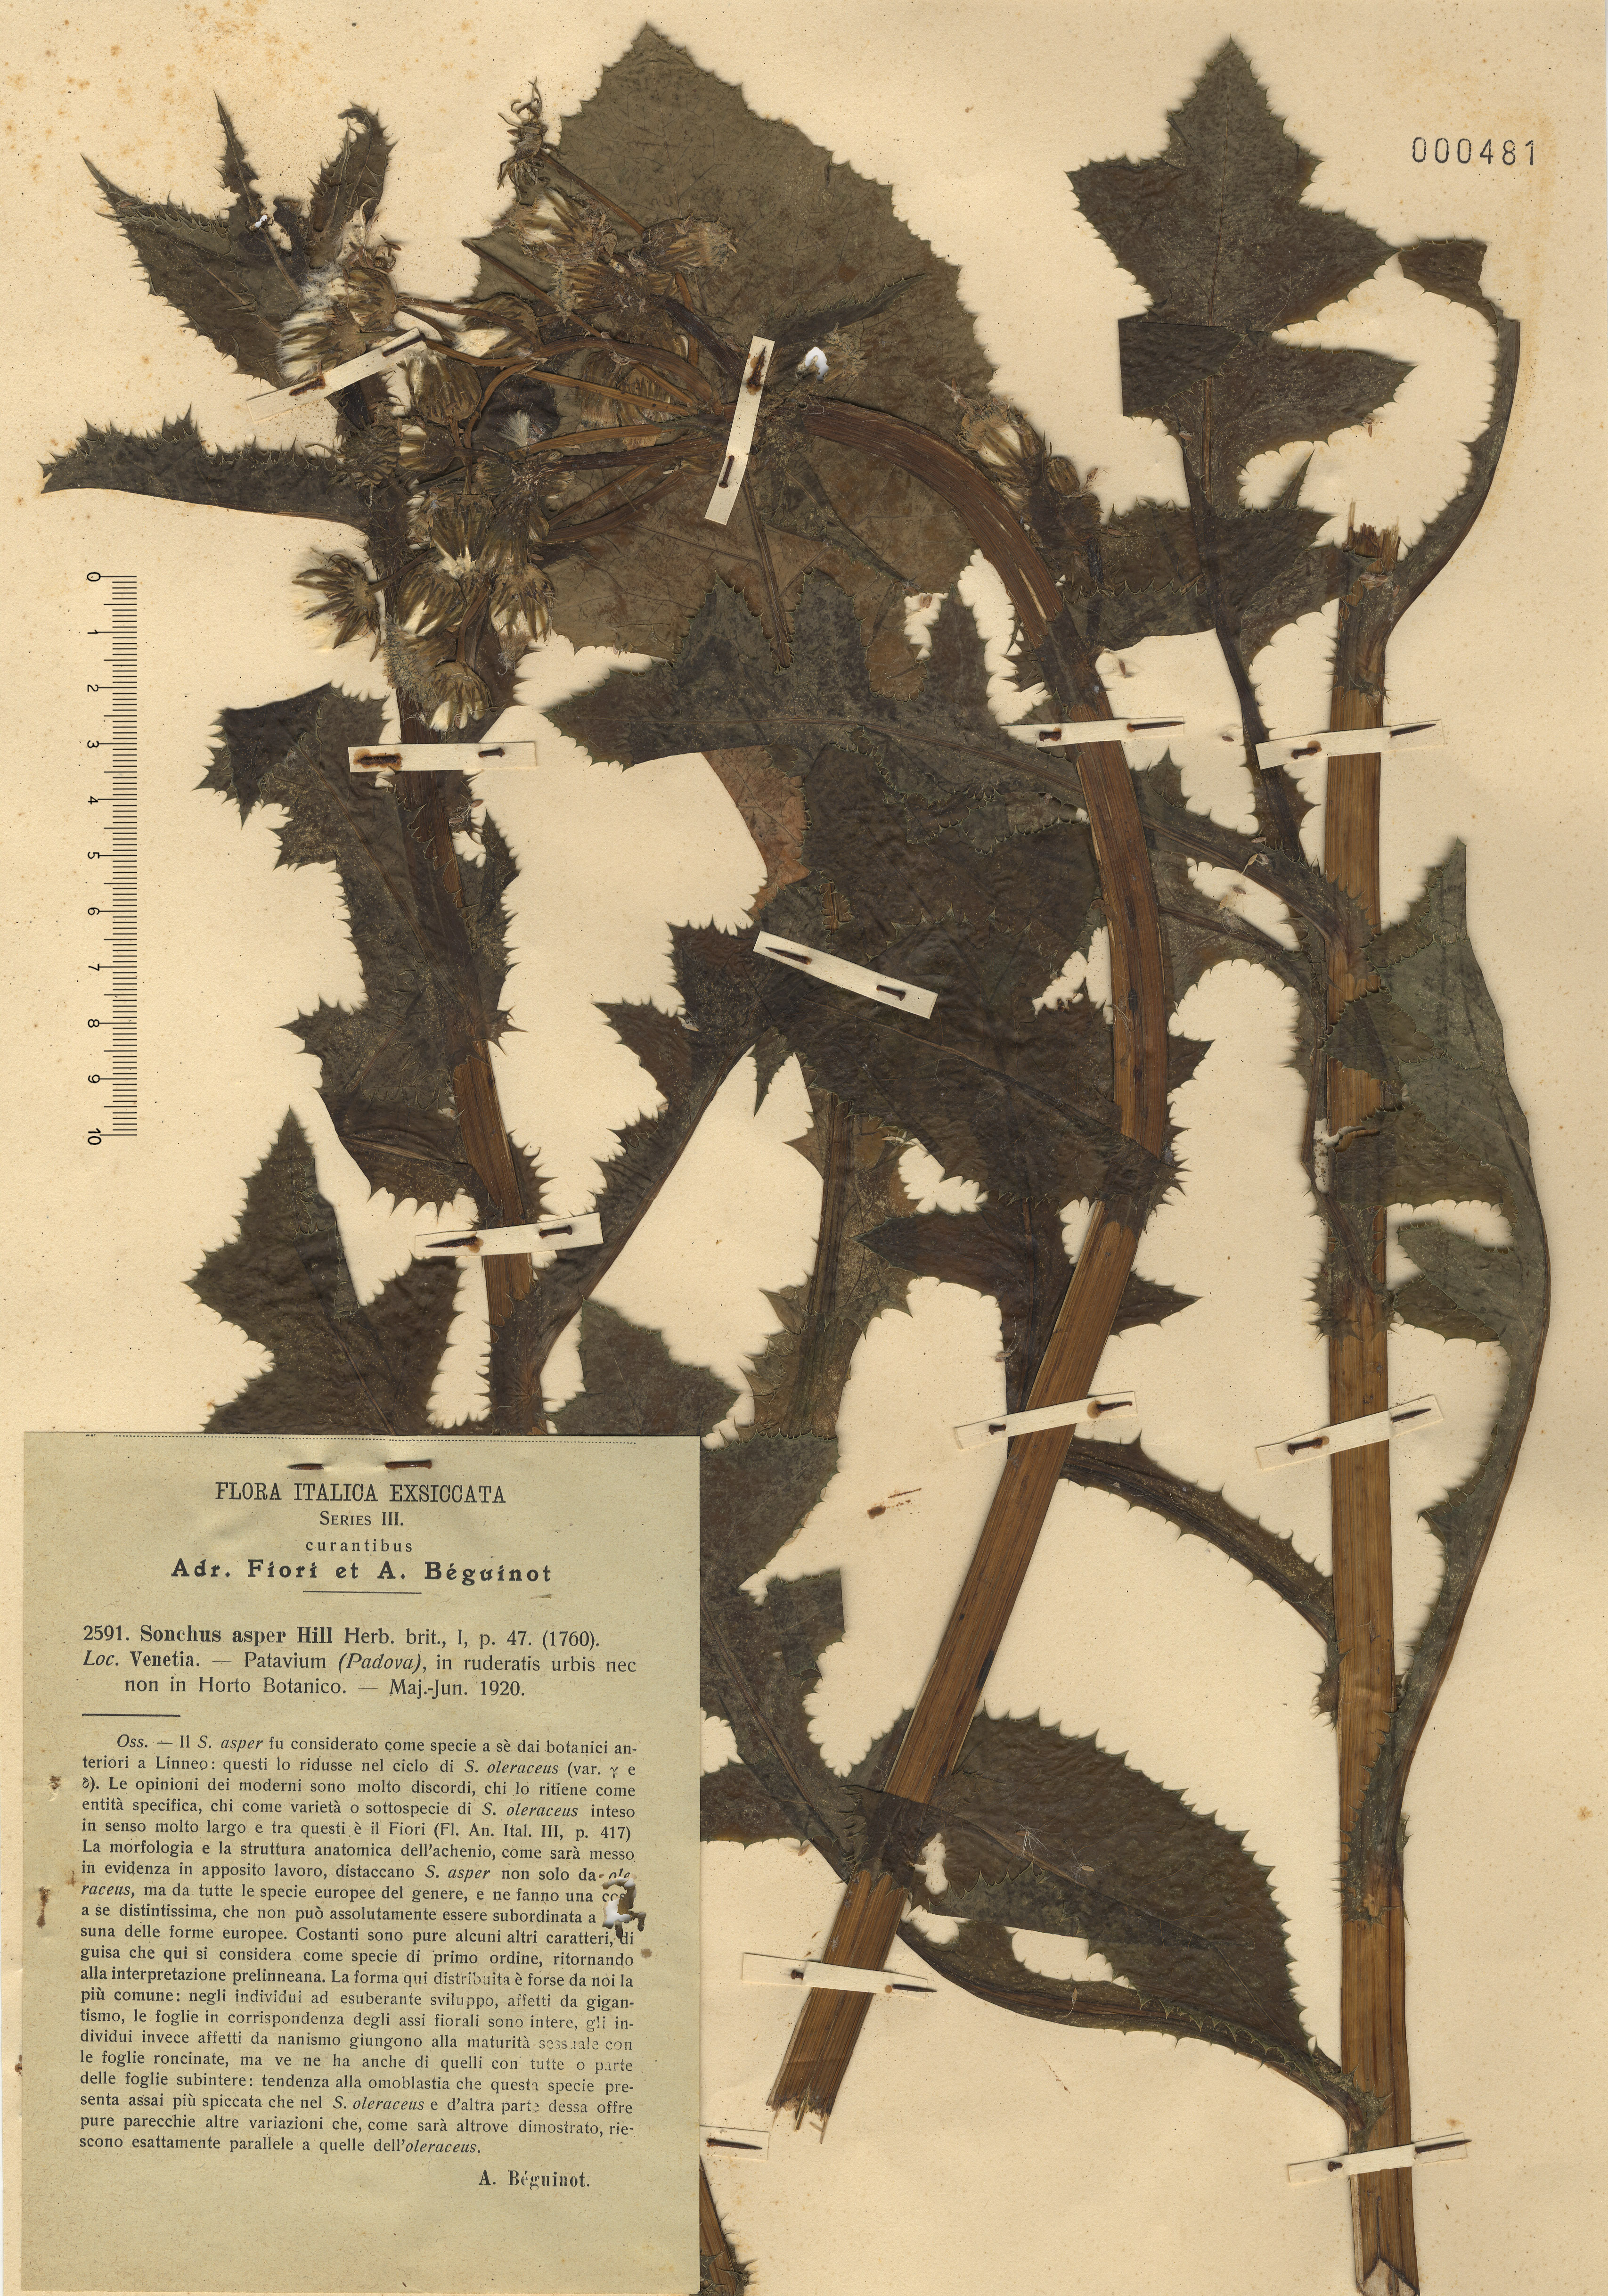 © Hortus Botanicus Catinensis - Herb. sheet 000481<br>